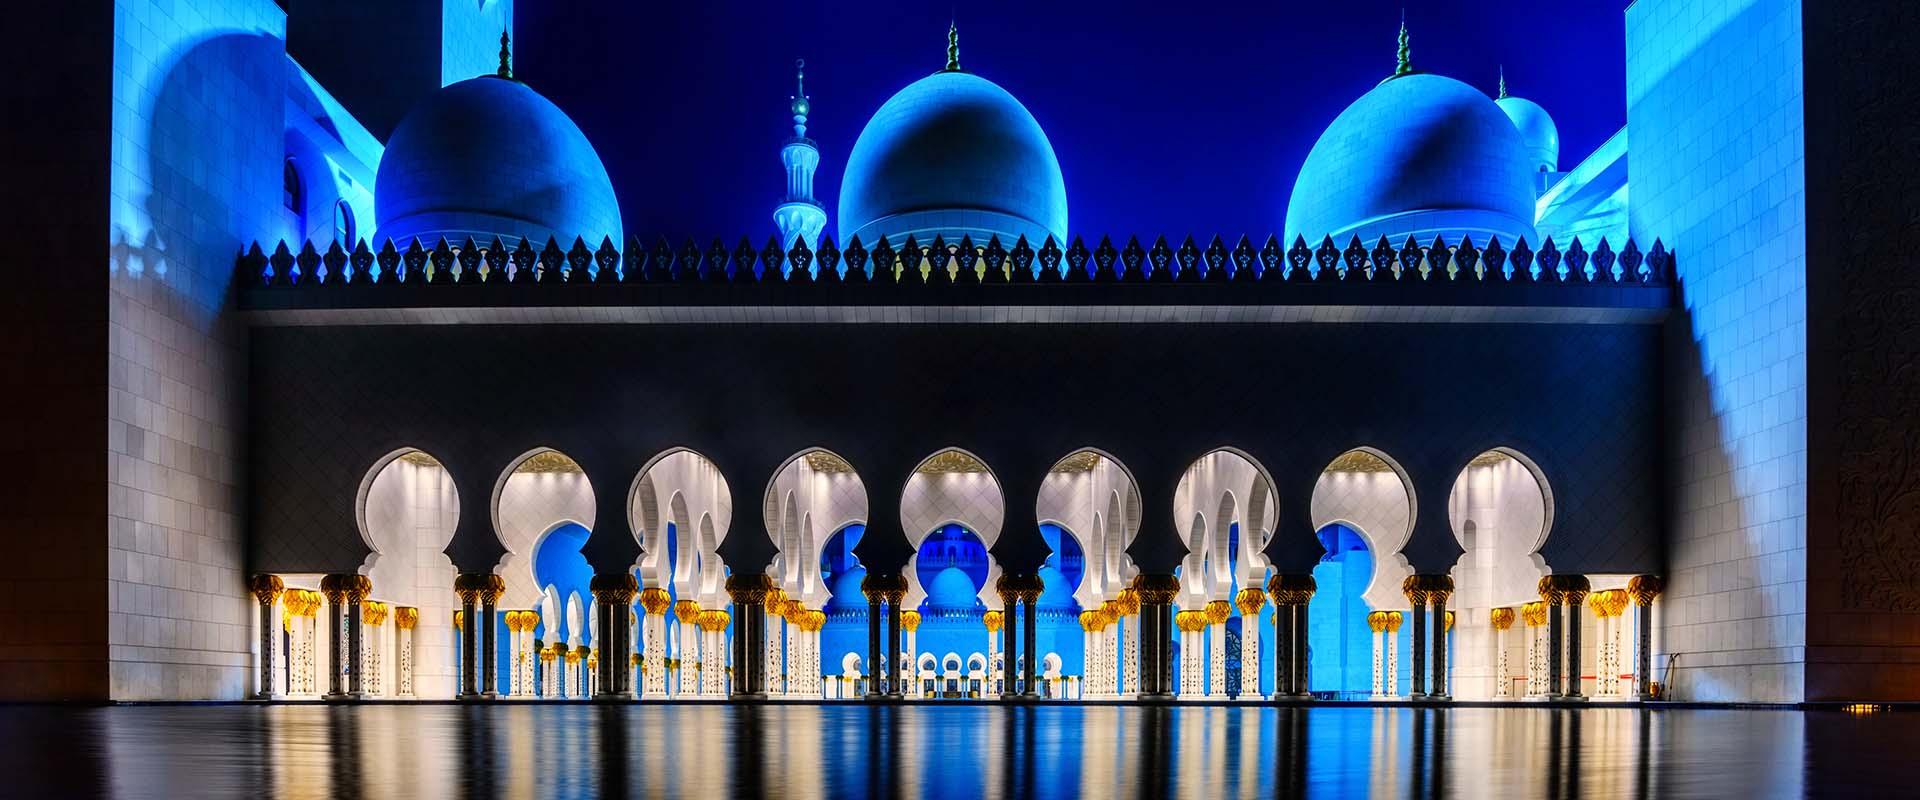 Best Uae 2017 eid al-fitr food - UAE_EidAlFitr_1920_800  Pictures_369935 .jpg